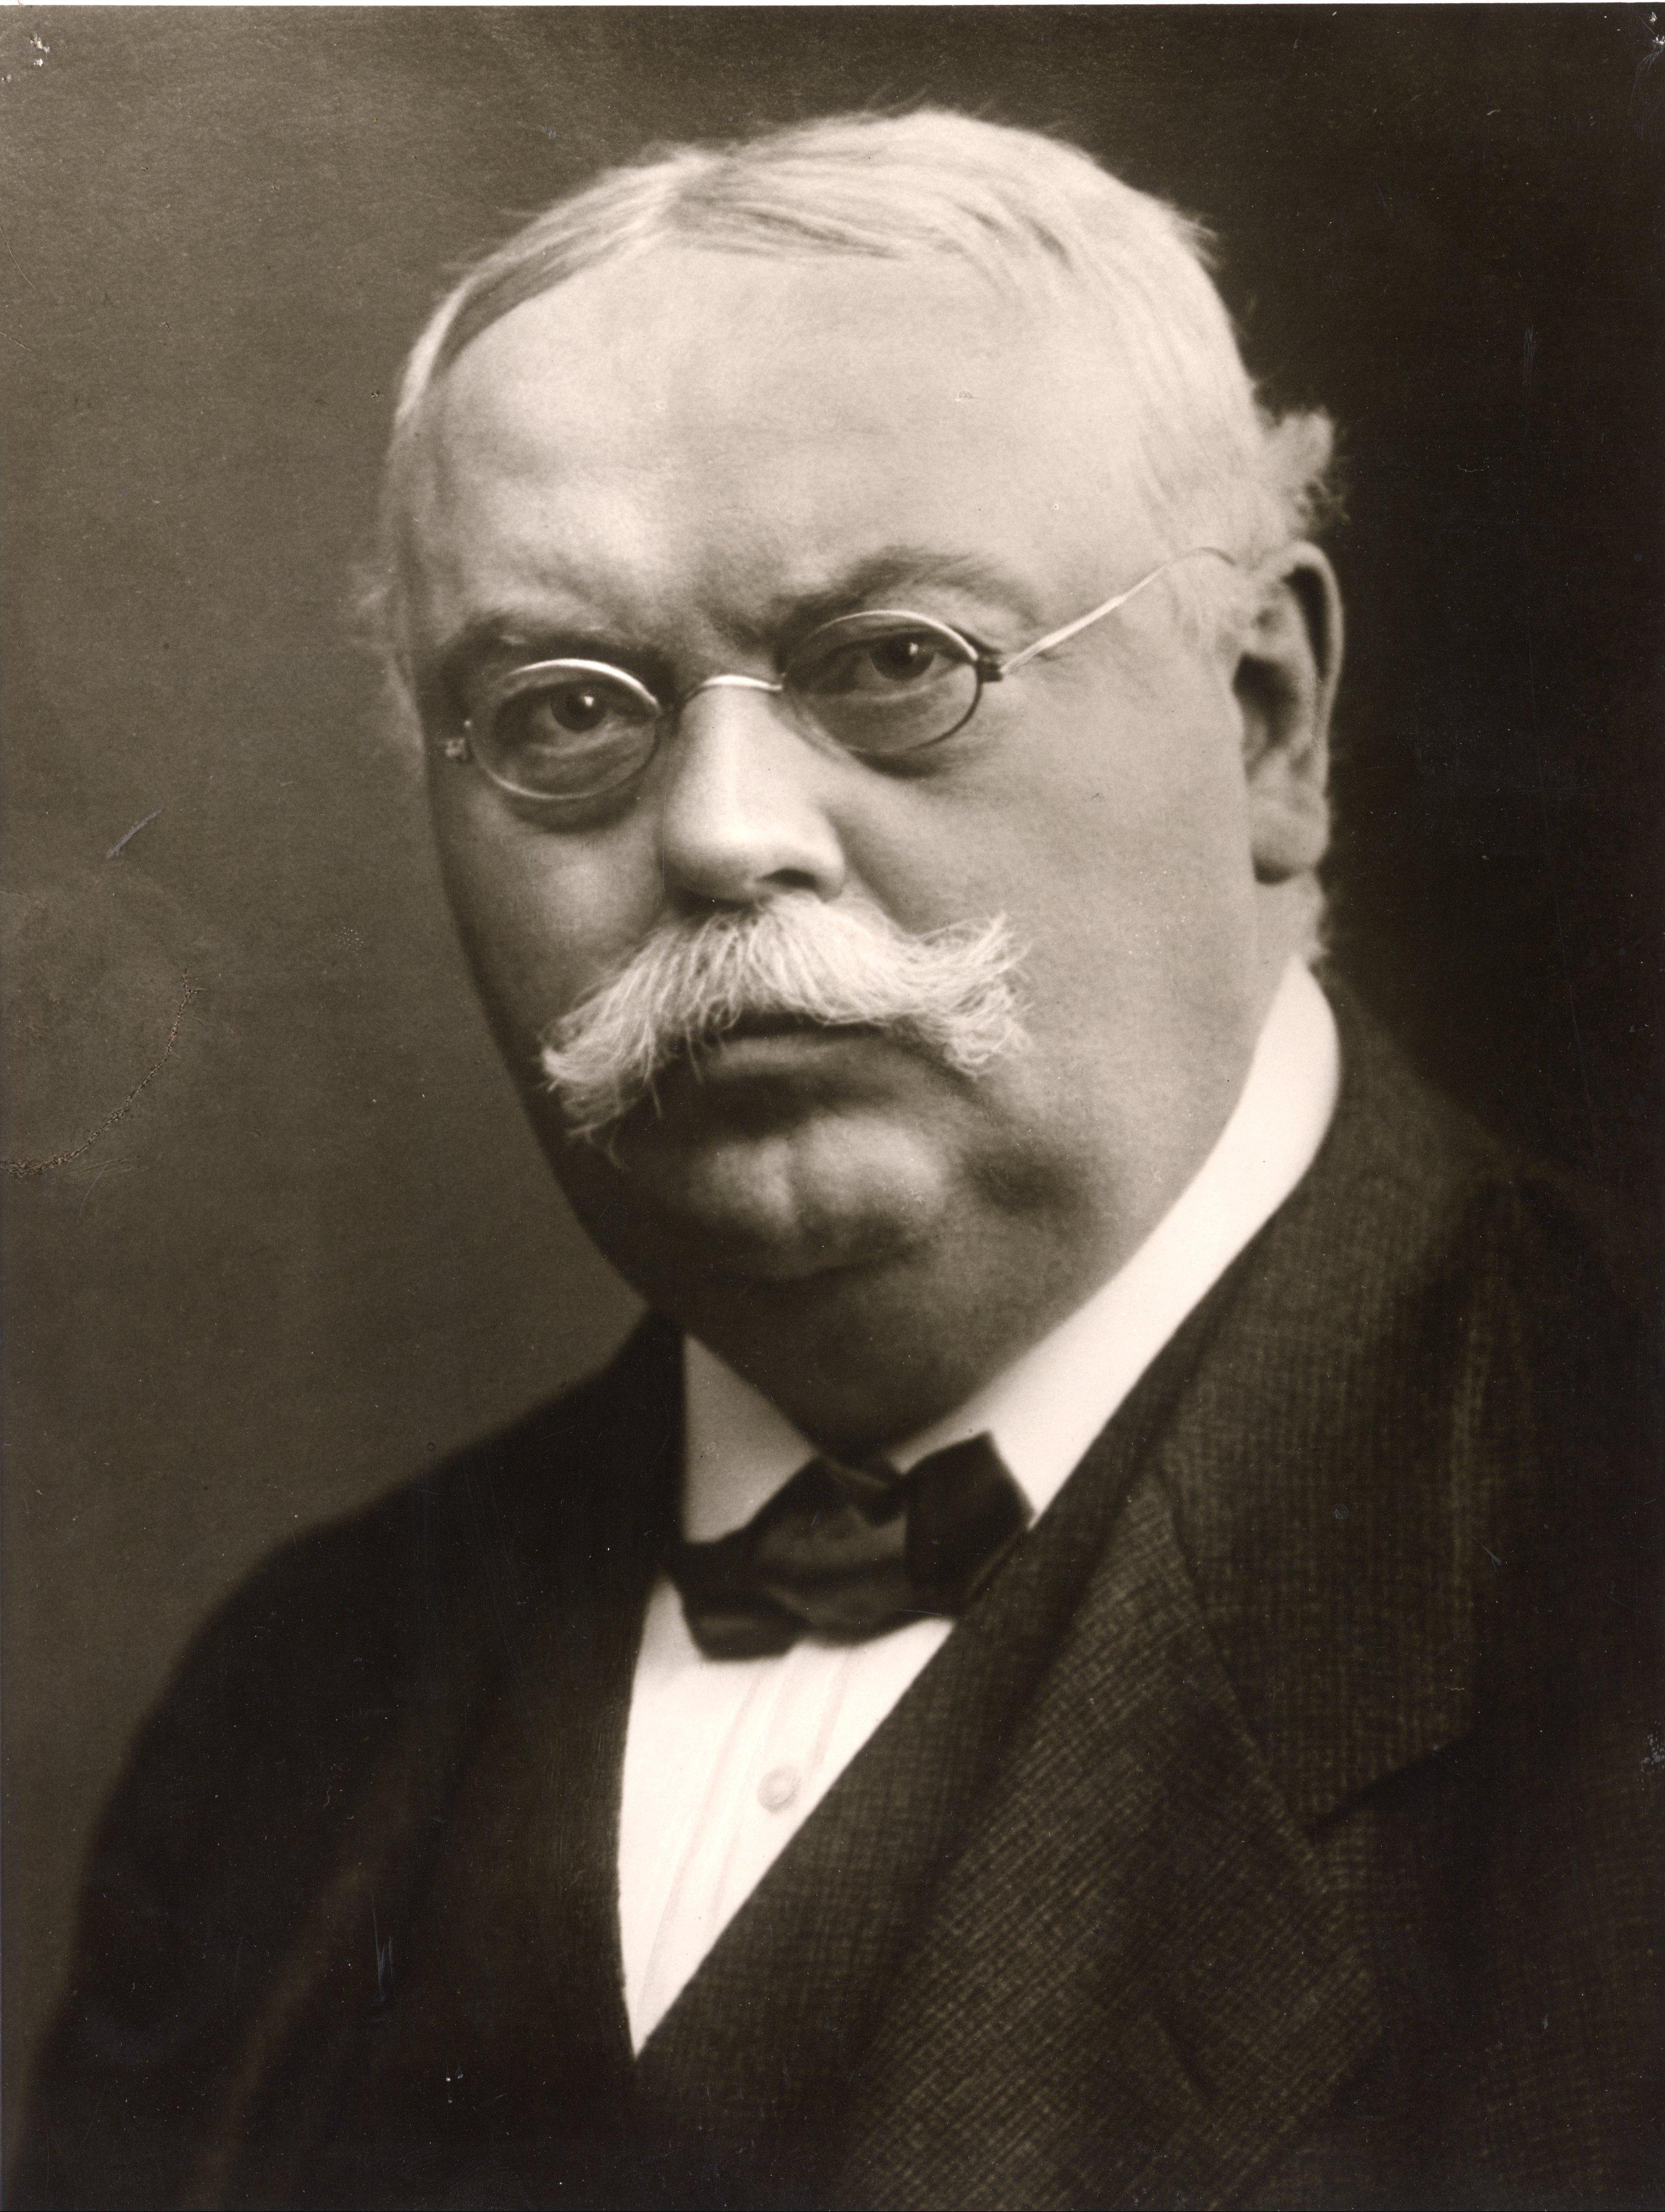 August Oetker, Alman iş adamı, kabartma tozunun mucidi, Dr. Oetker firmasının kurucusu (DY-1862) tarihte bugün